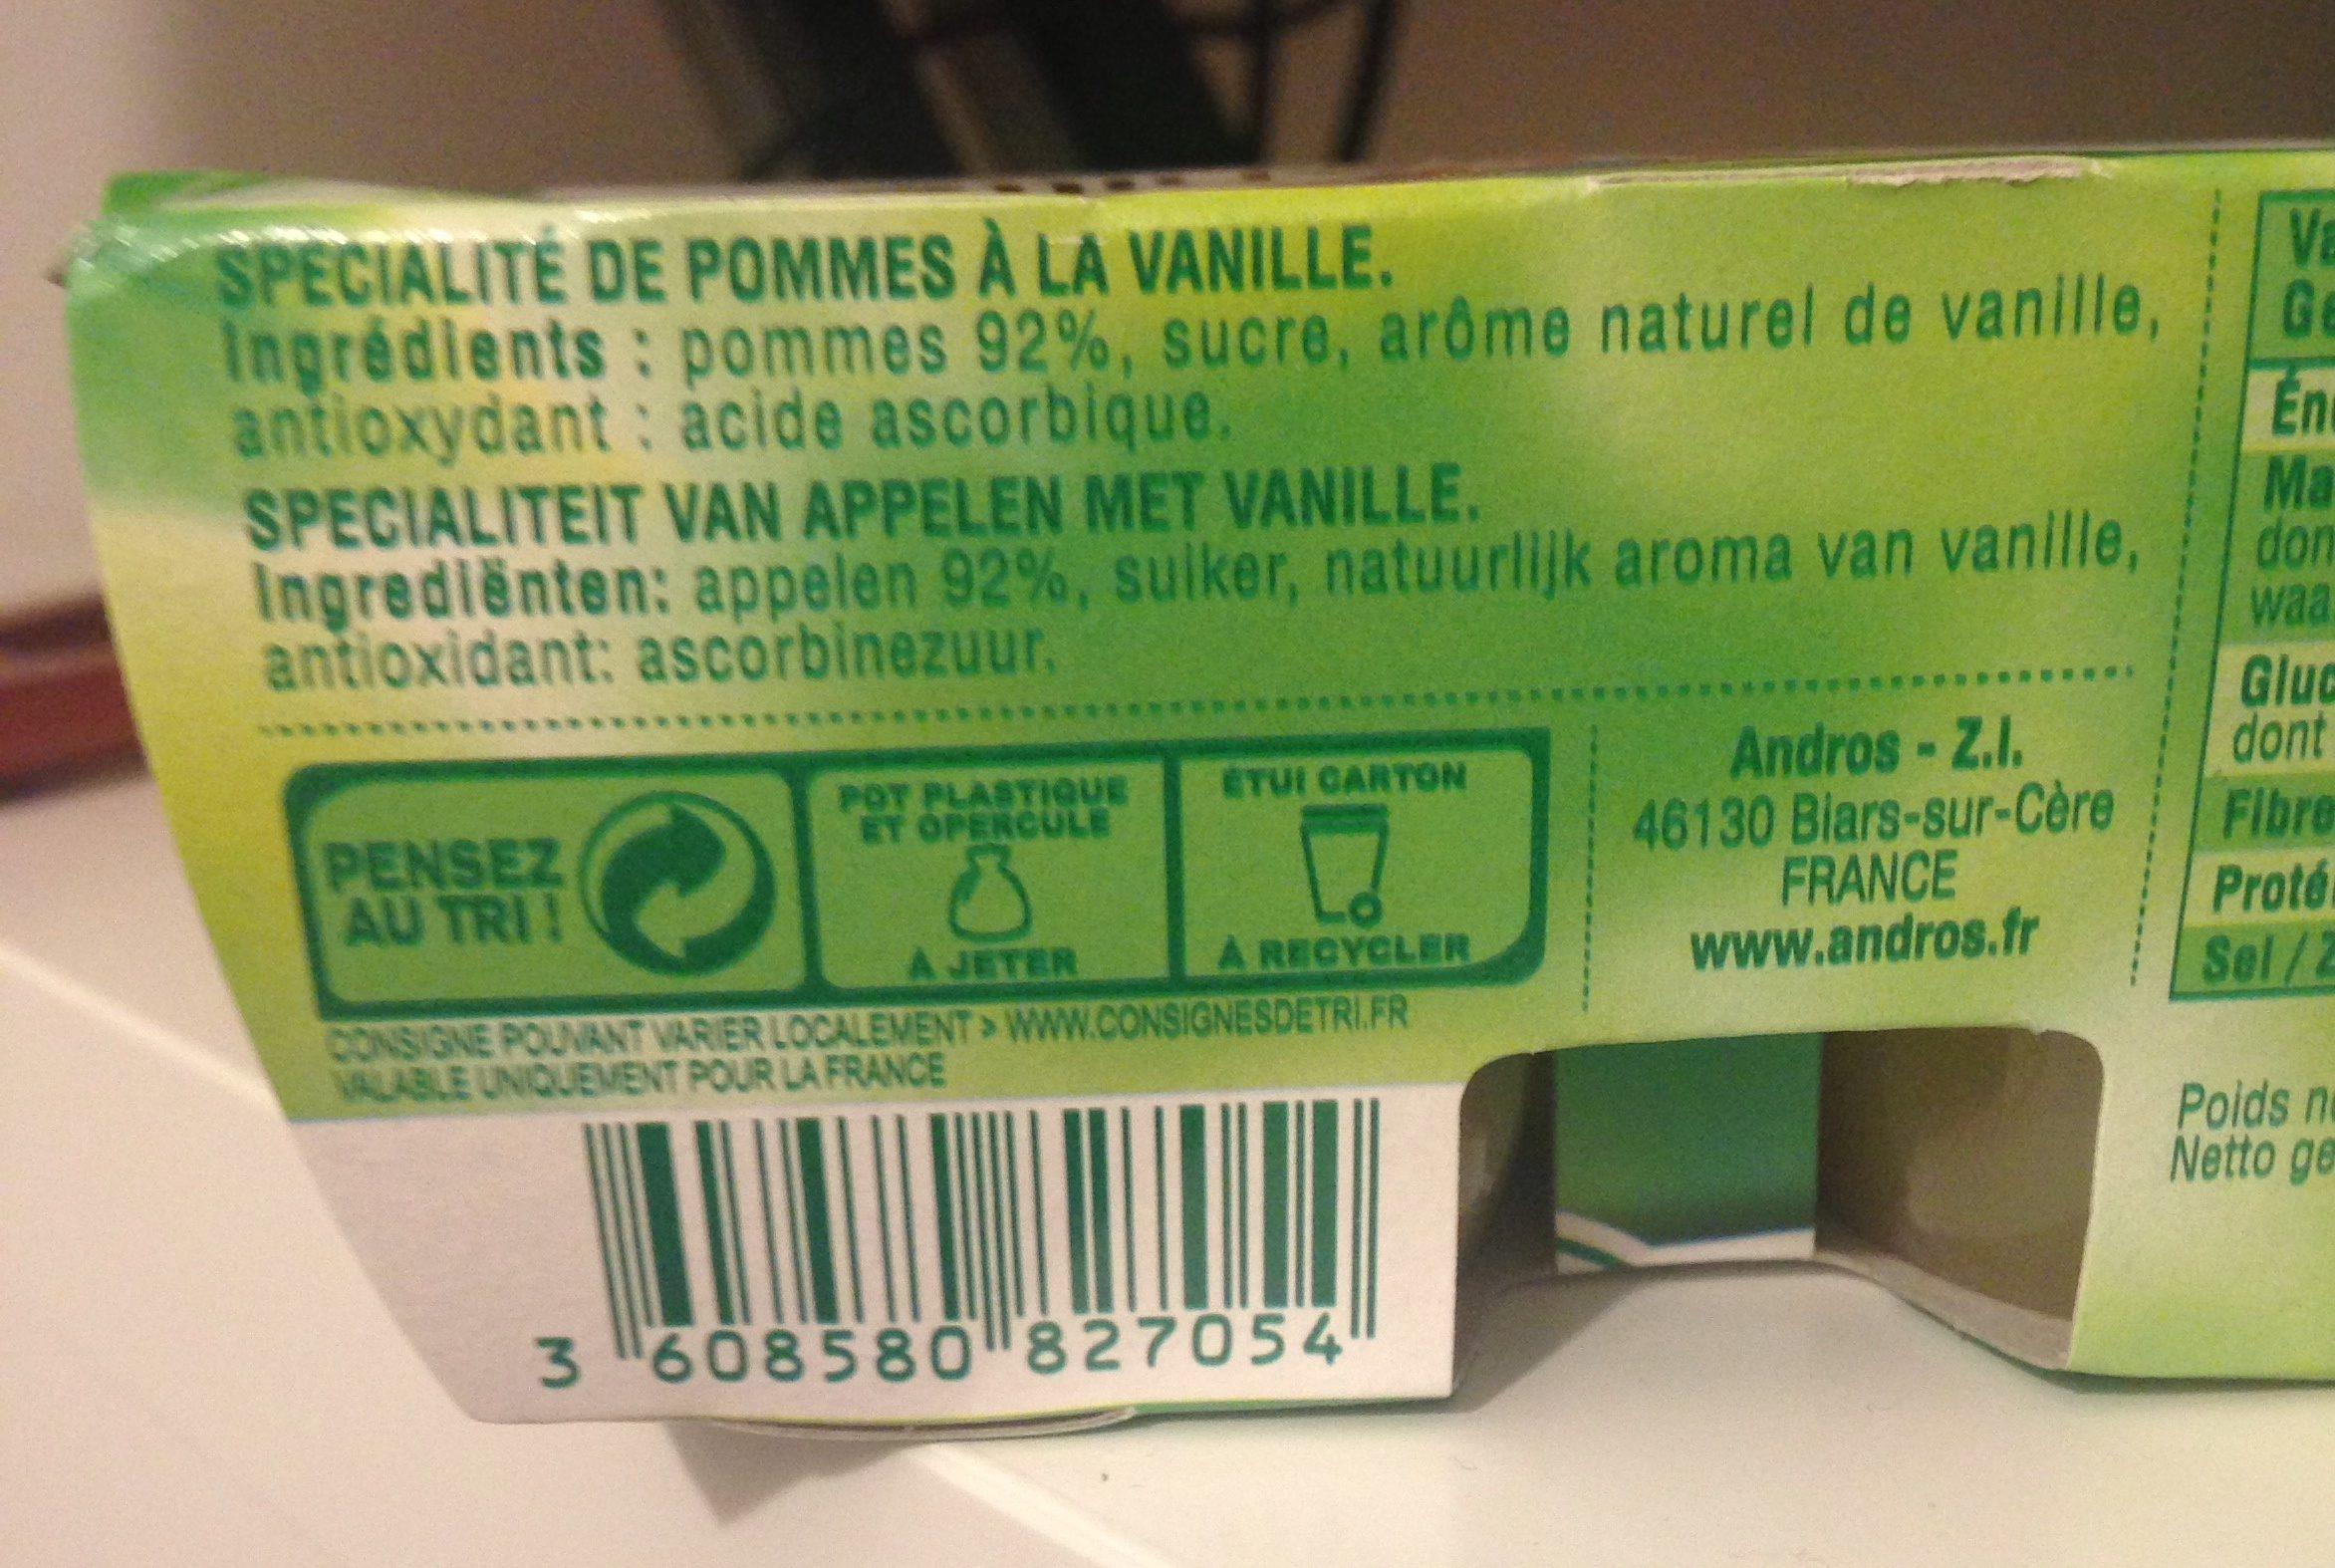 Dessert pomme vanille - Ingrédients